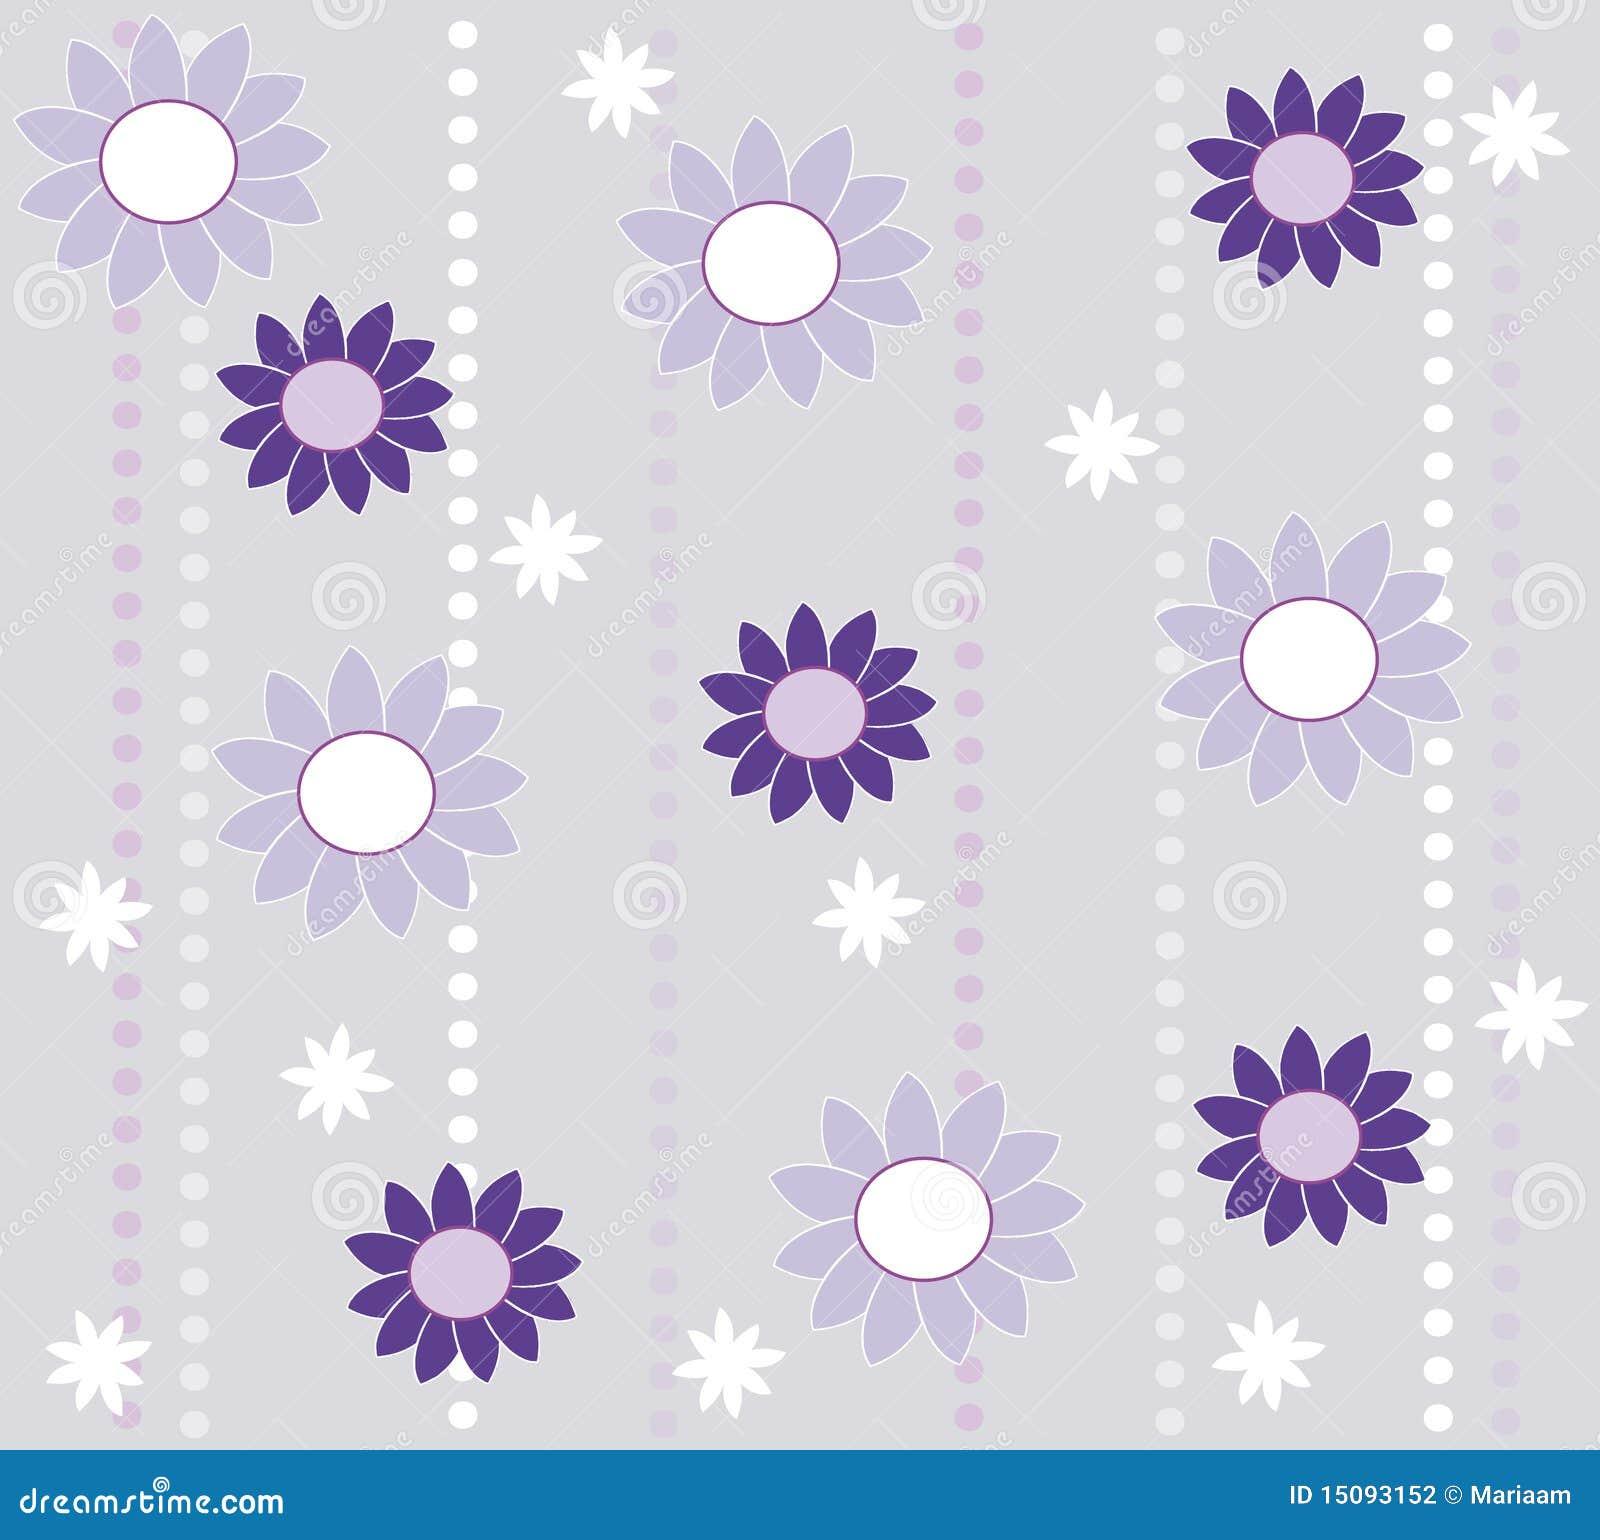 Disegno della carta da parati con i fiori fotografia stock for Carta da parati con fiori